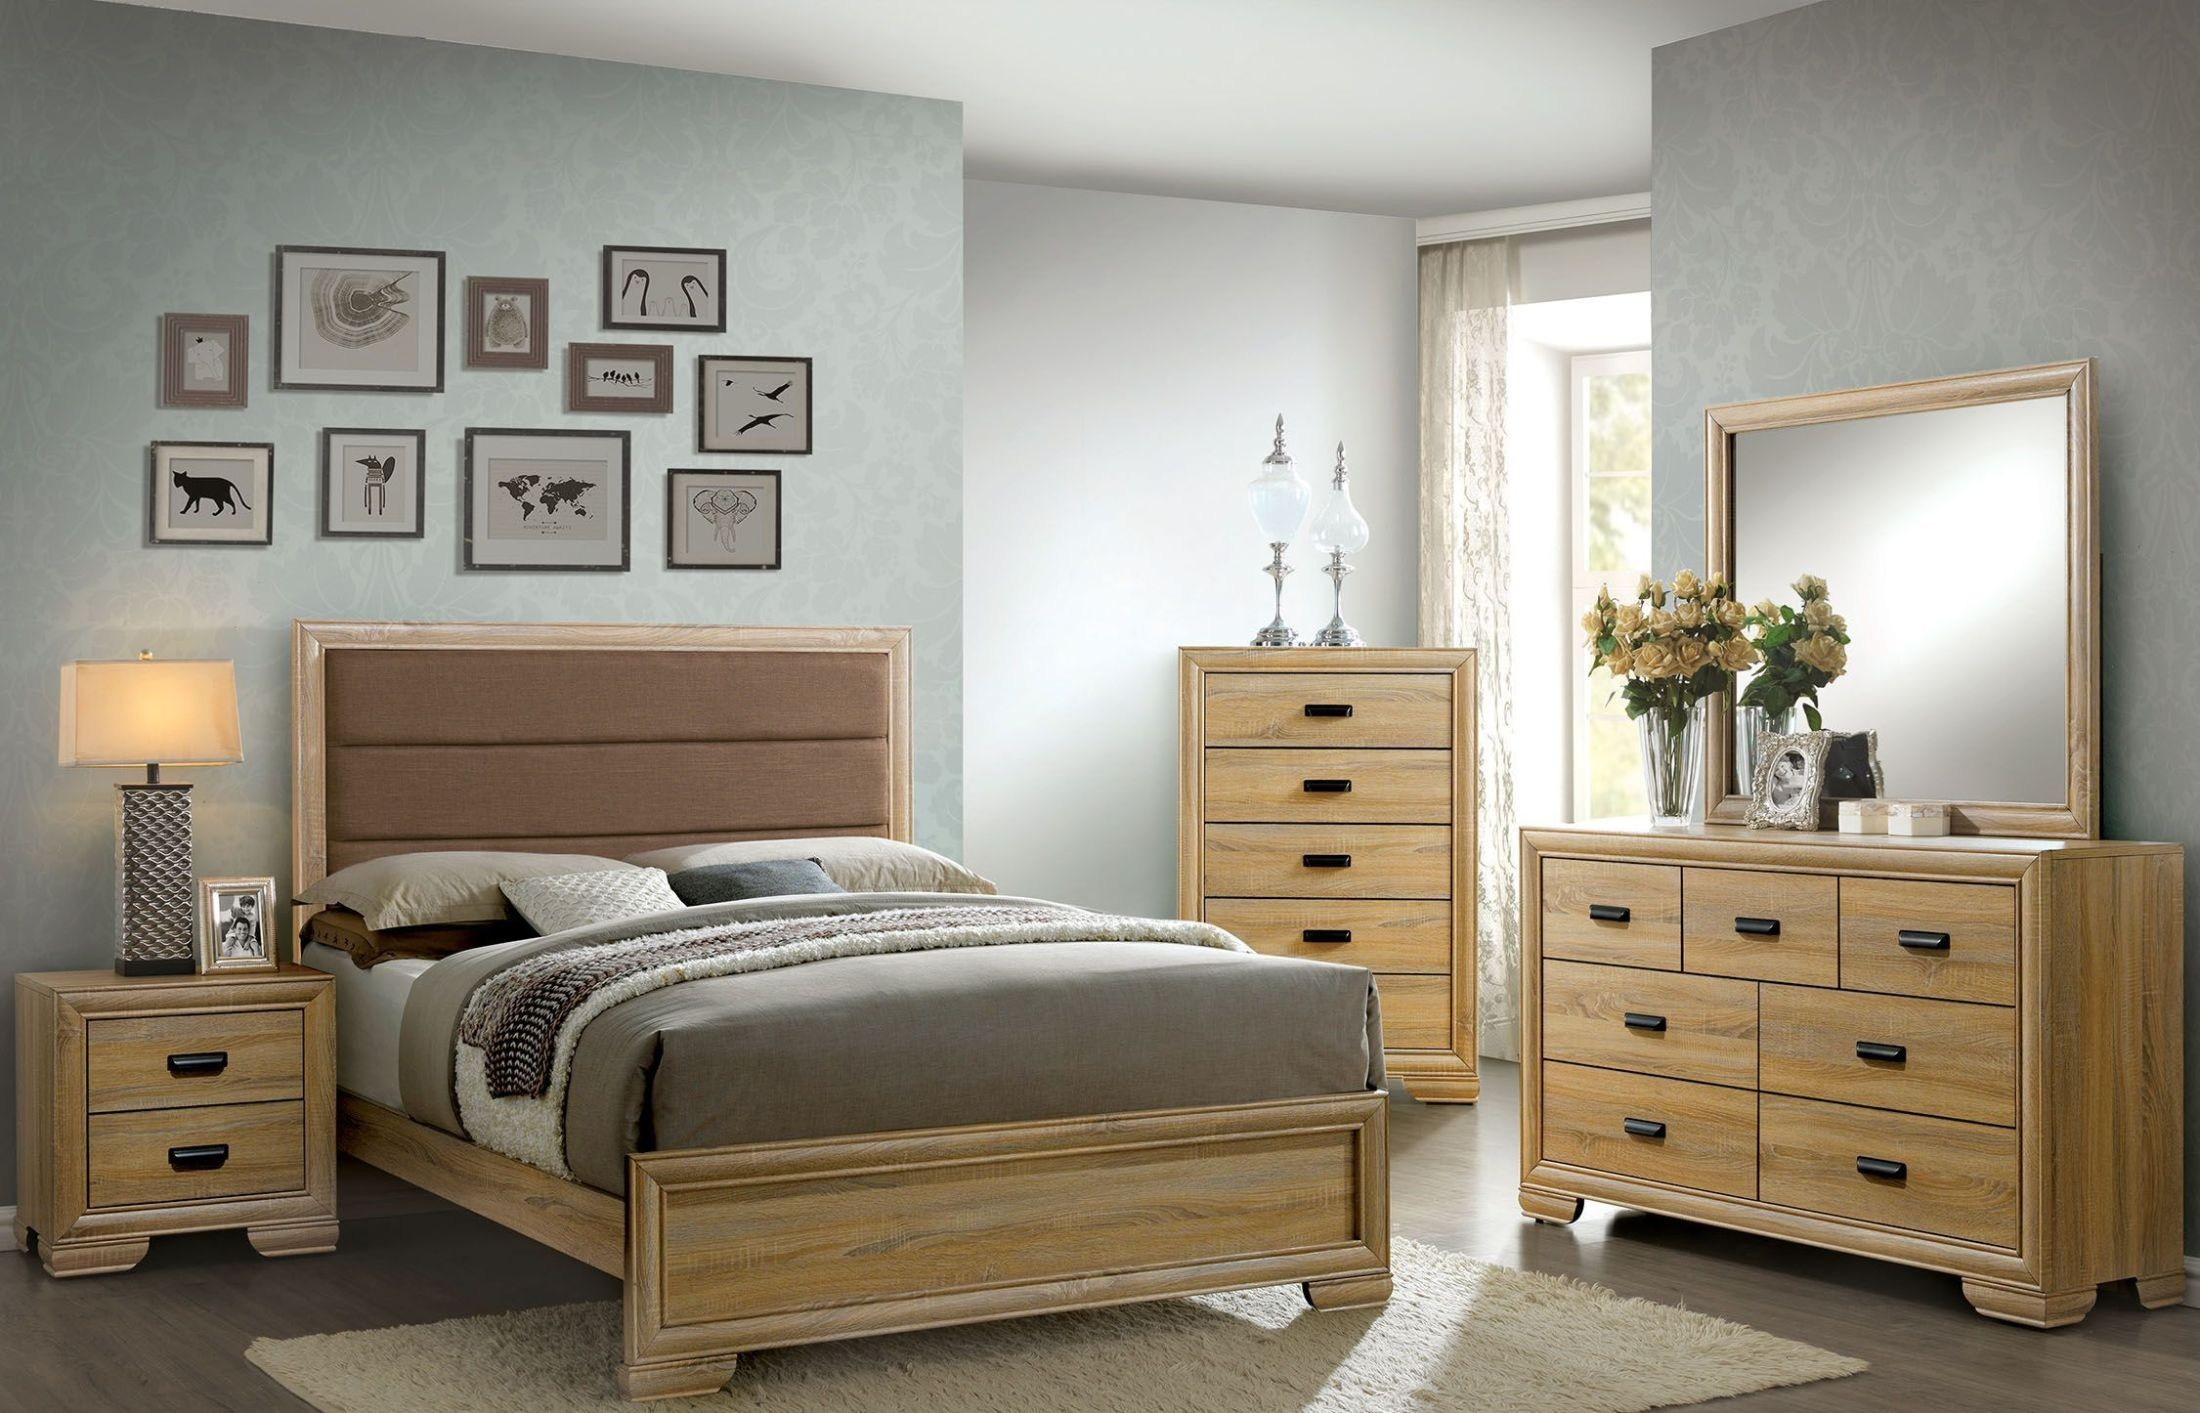 Renee natural upholstered platform bedroom set from